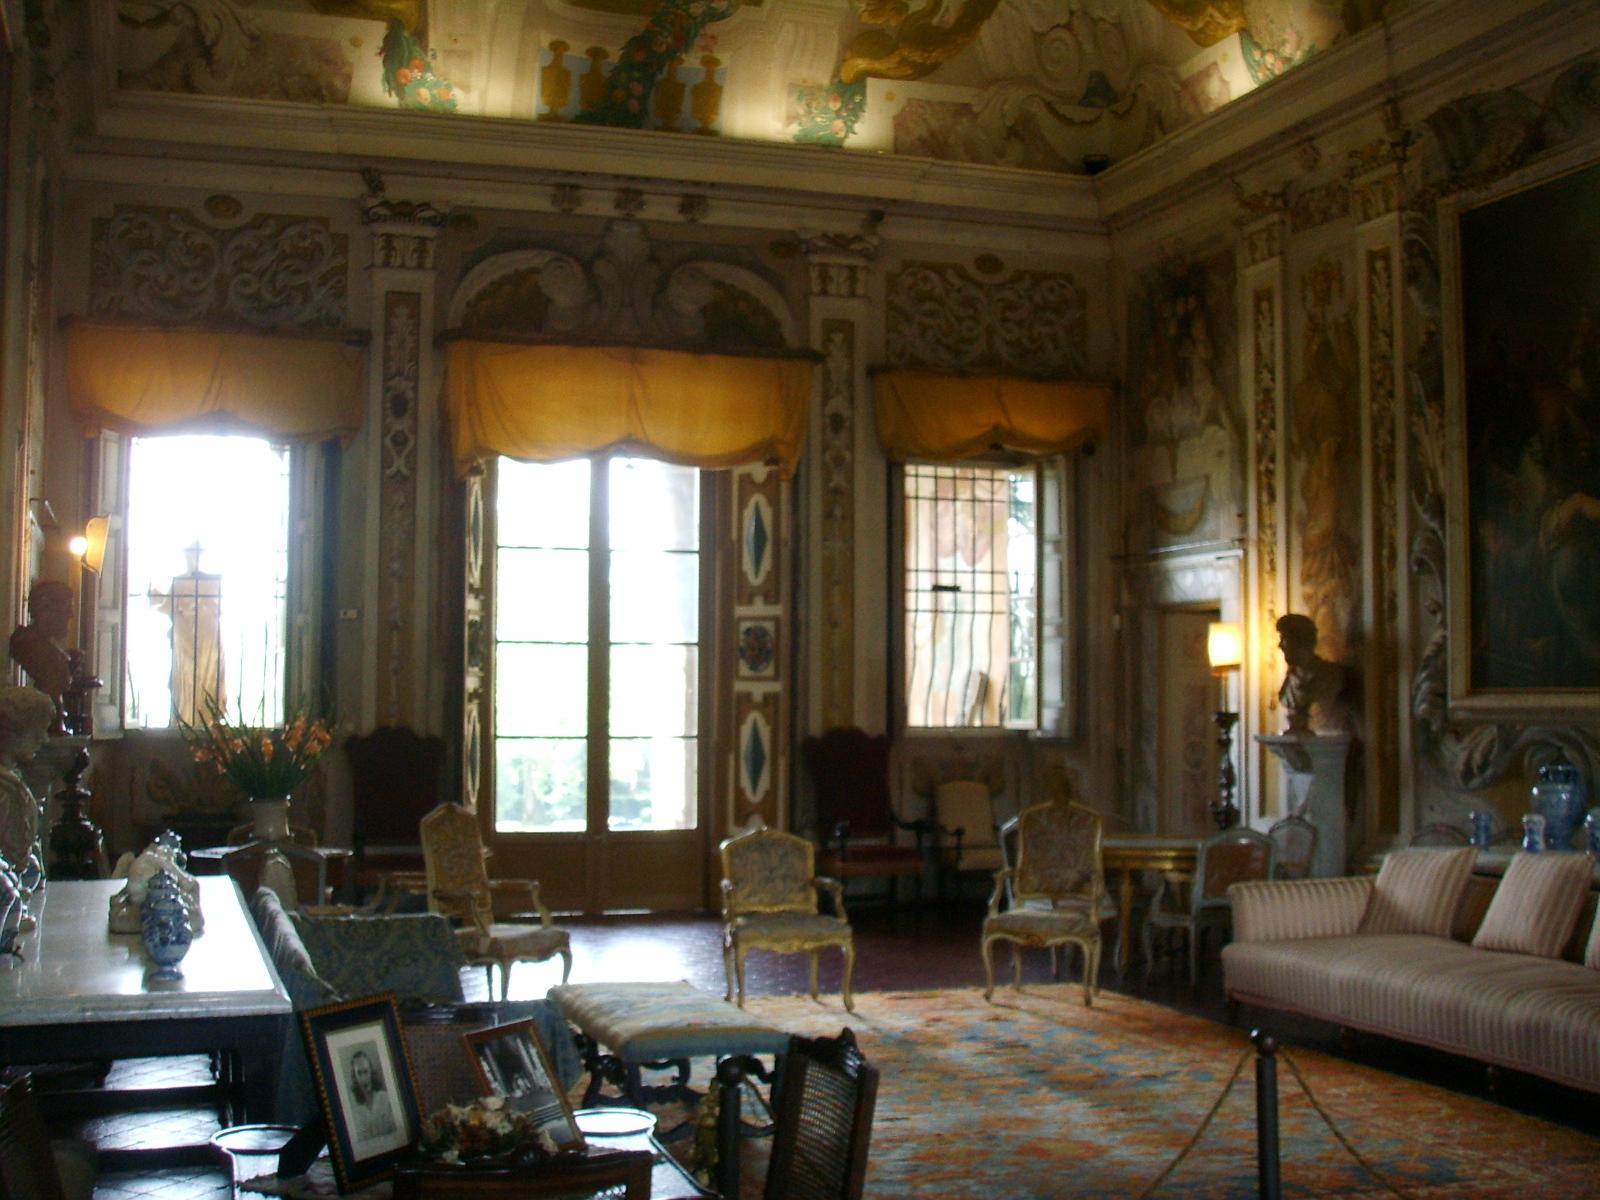 FileVilla Torrigiani Di Lucca Interno 03JPG Wikimedia